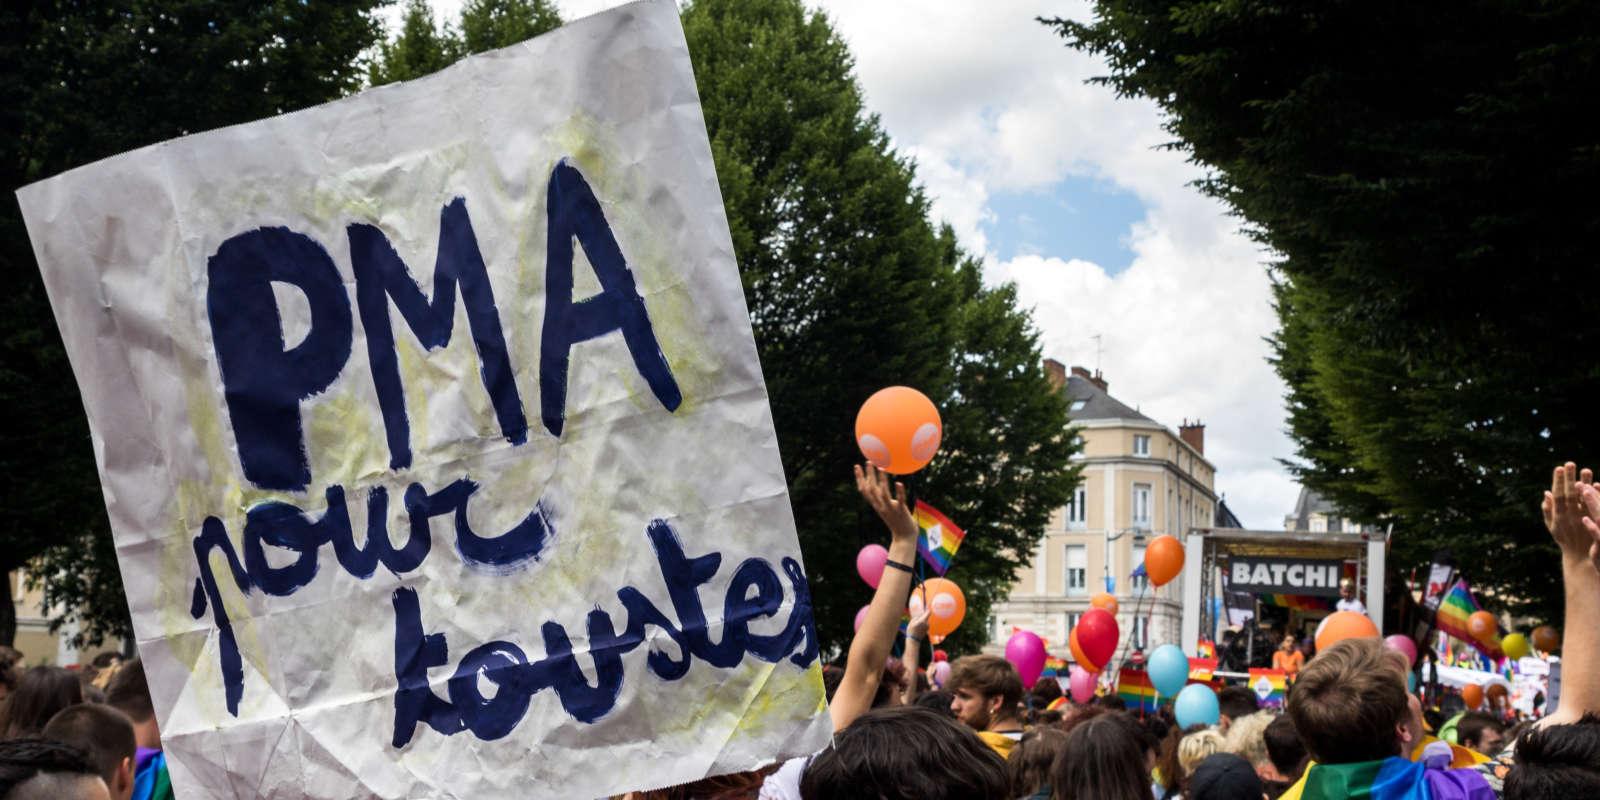 A PMA sign for all floats above the cortege de la gay pride during the 2019 Pride march in Rennes on June 8, 2019. Une pancarte PMA pour toutes flotte au dessus du cortege de la gay pride lors de la marche des fiertes 2019 à Rennes le 8 juin 2019.